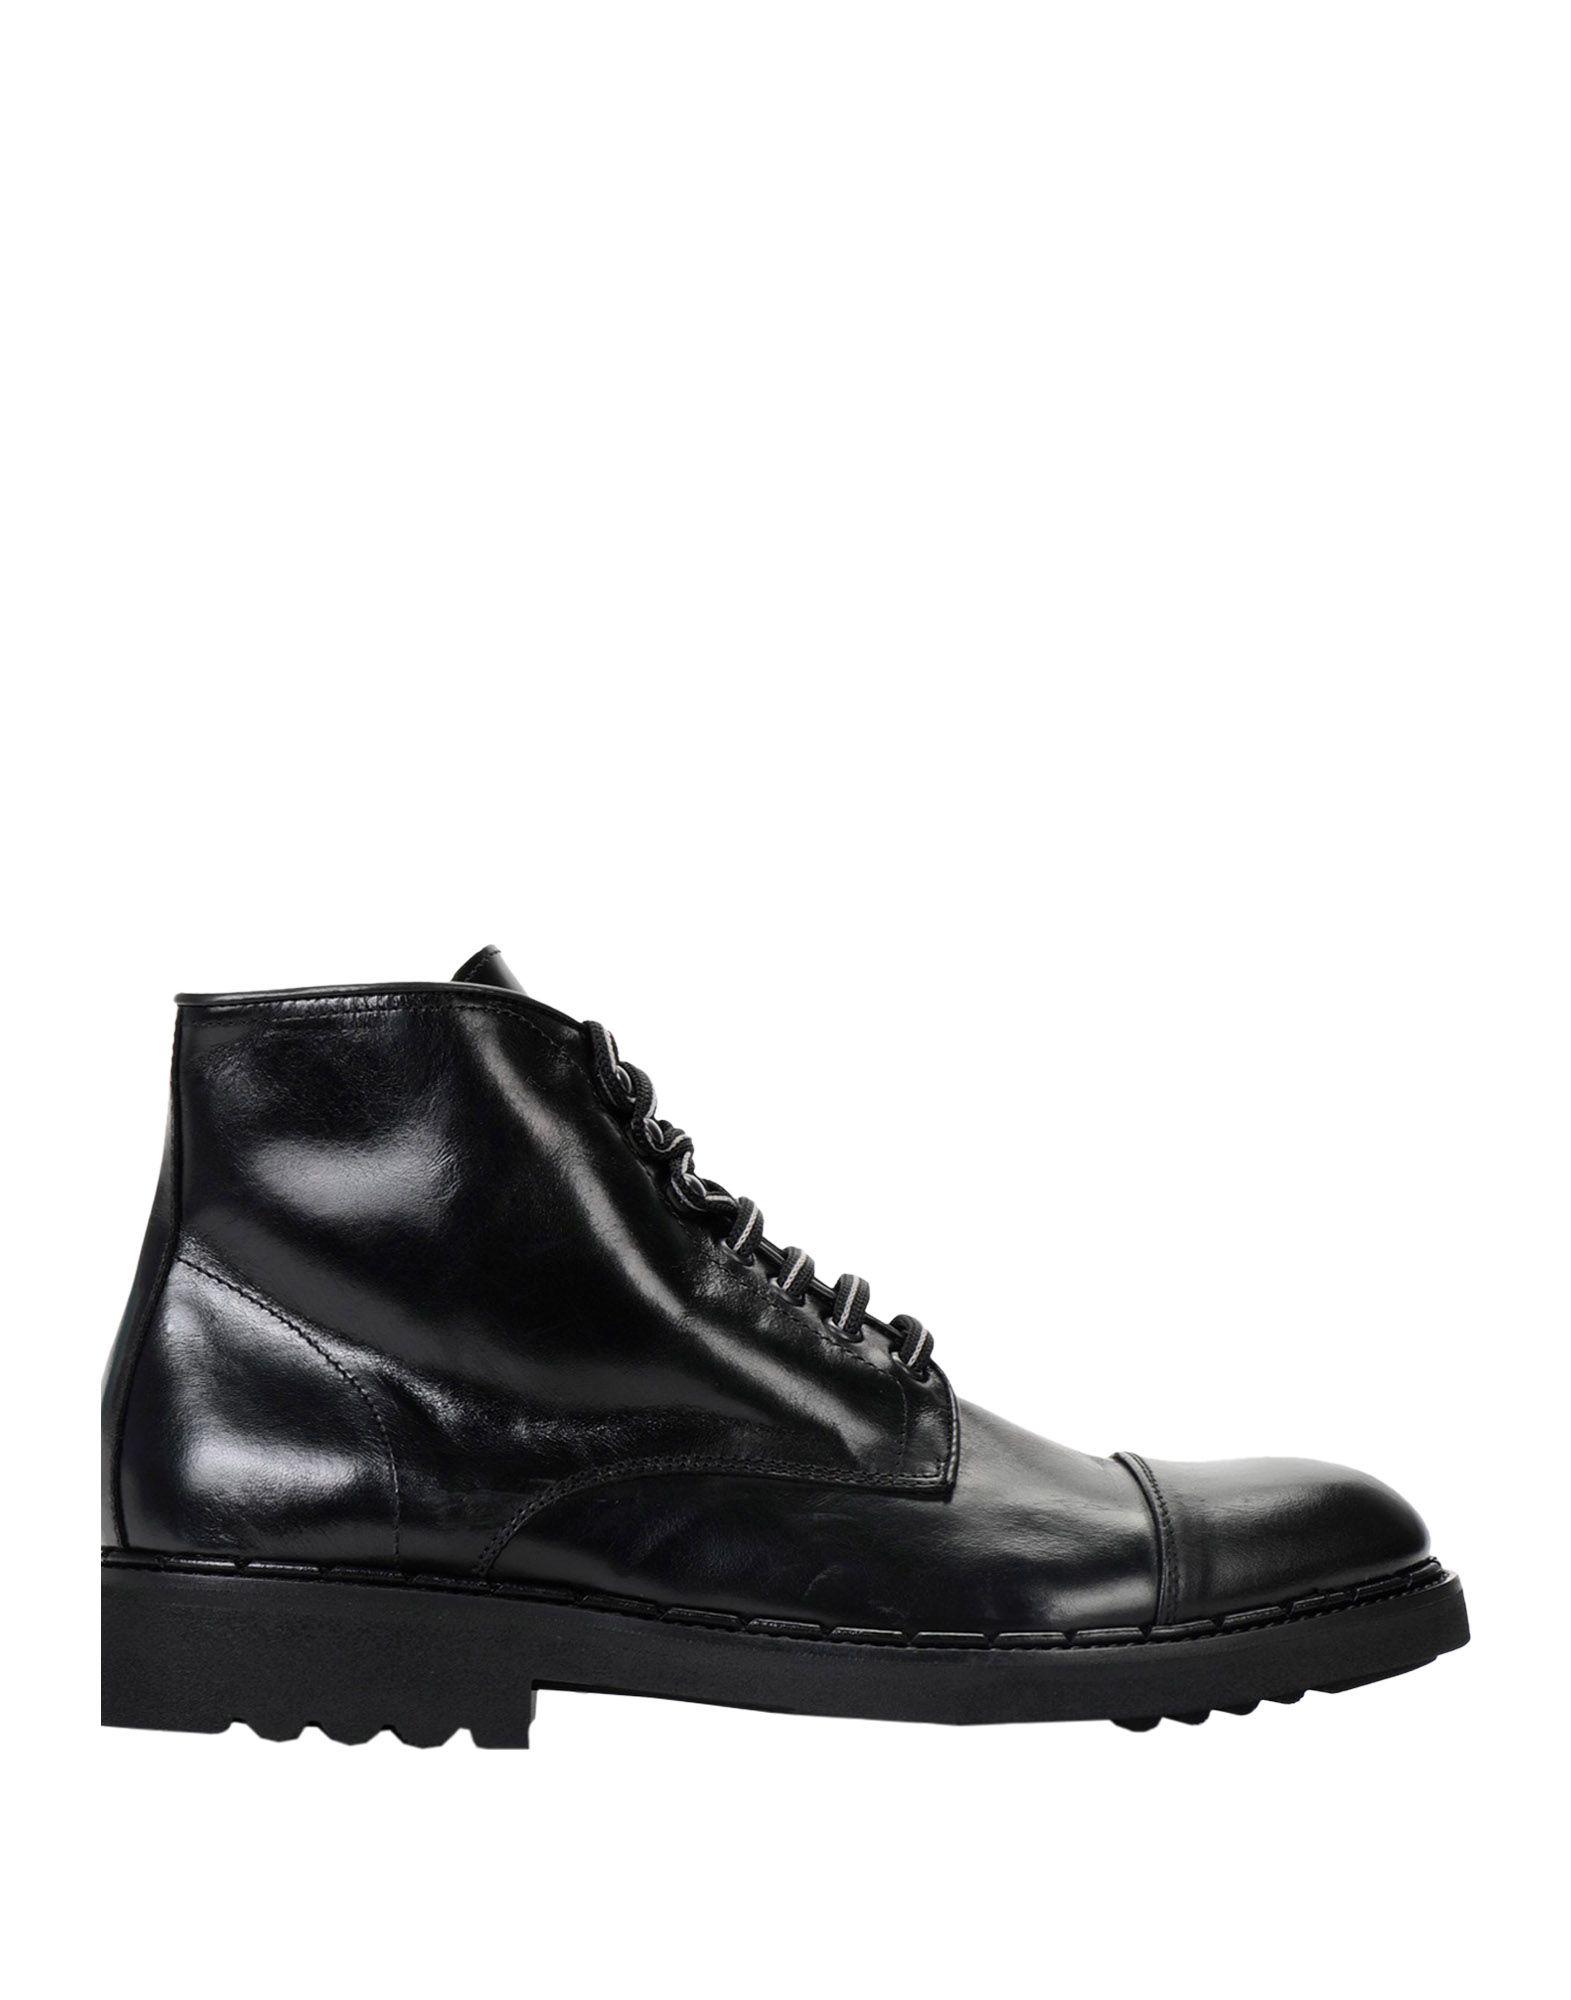 Stivaletti Pawelk's Uomo - 11524617OE Scarpe economiche e buone